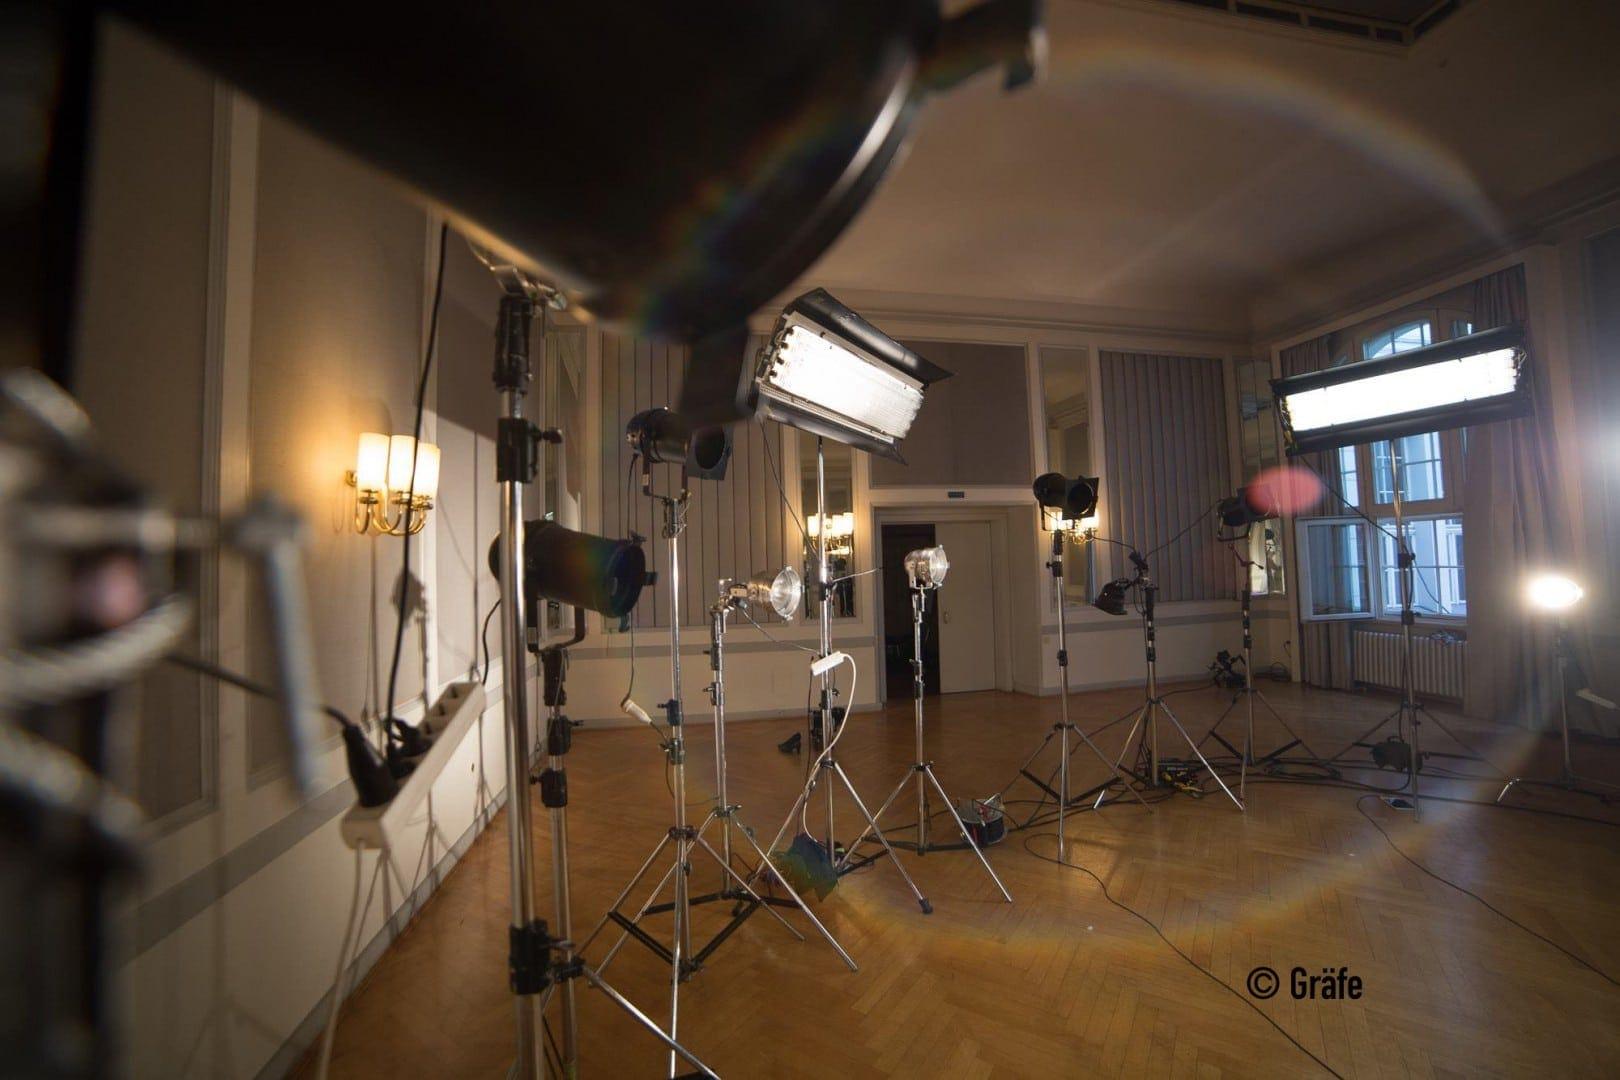 Lichtset bei der Musikvideo Produktion Berlin